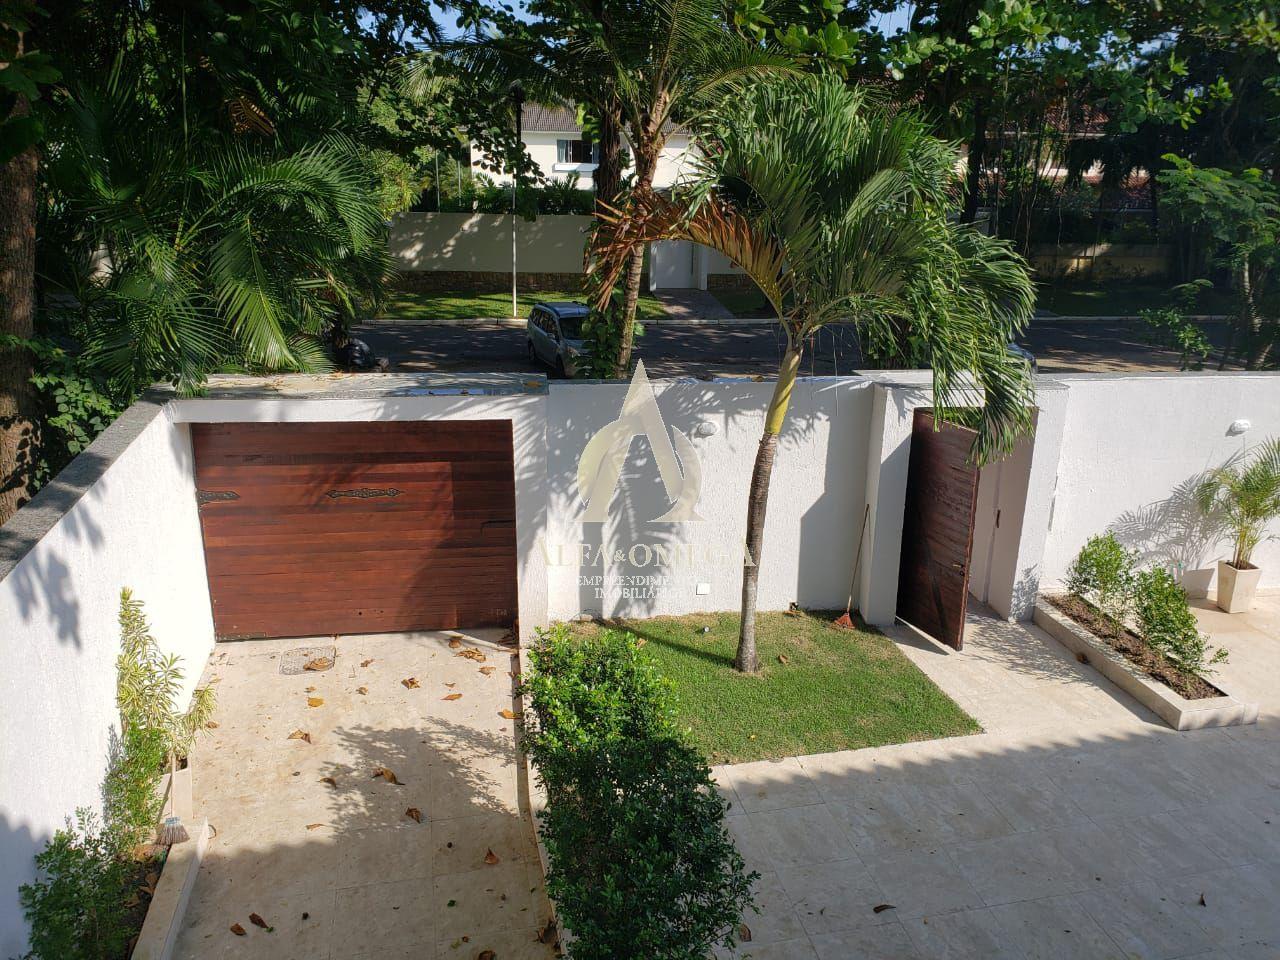 FOTO 20 - Casa 5 quartos à venda Barra da Tijuca, Rio de Janeiro - R$ 4.500.000 - AOJC60115 - 21